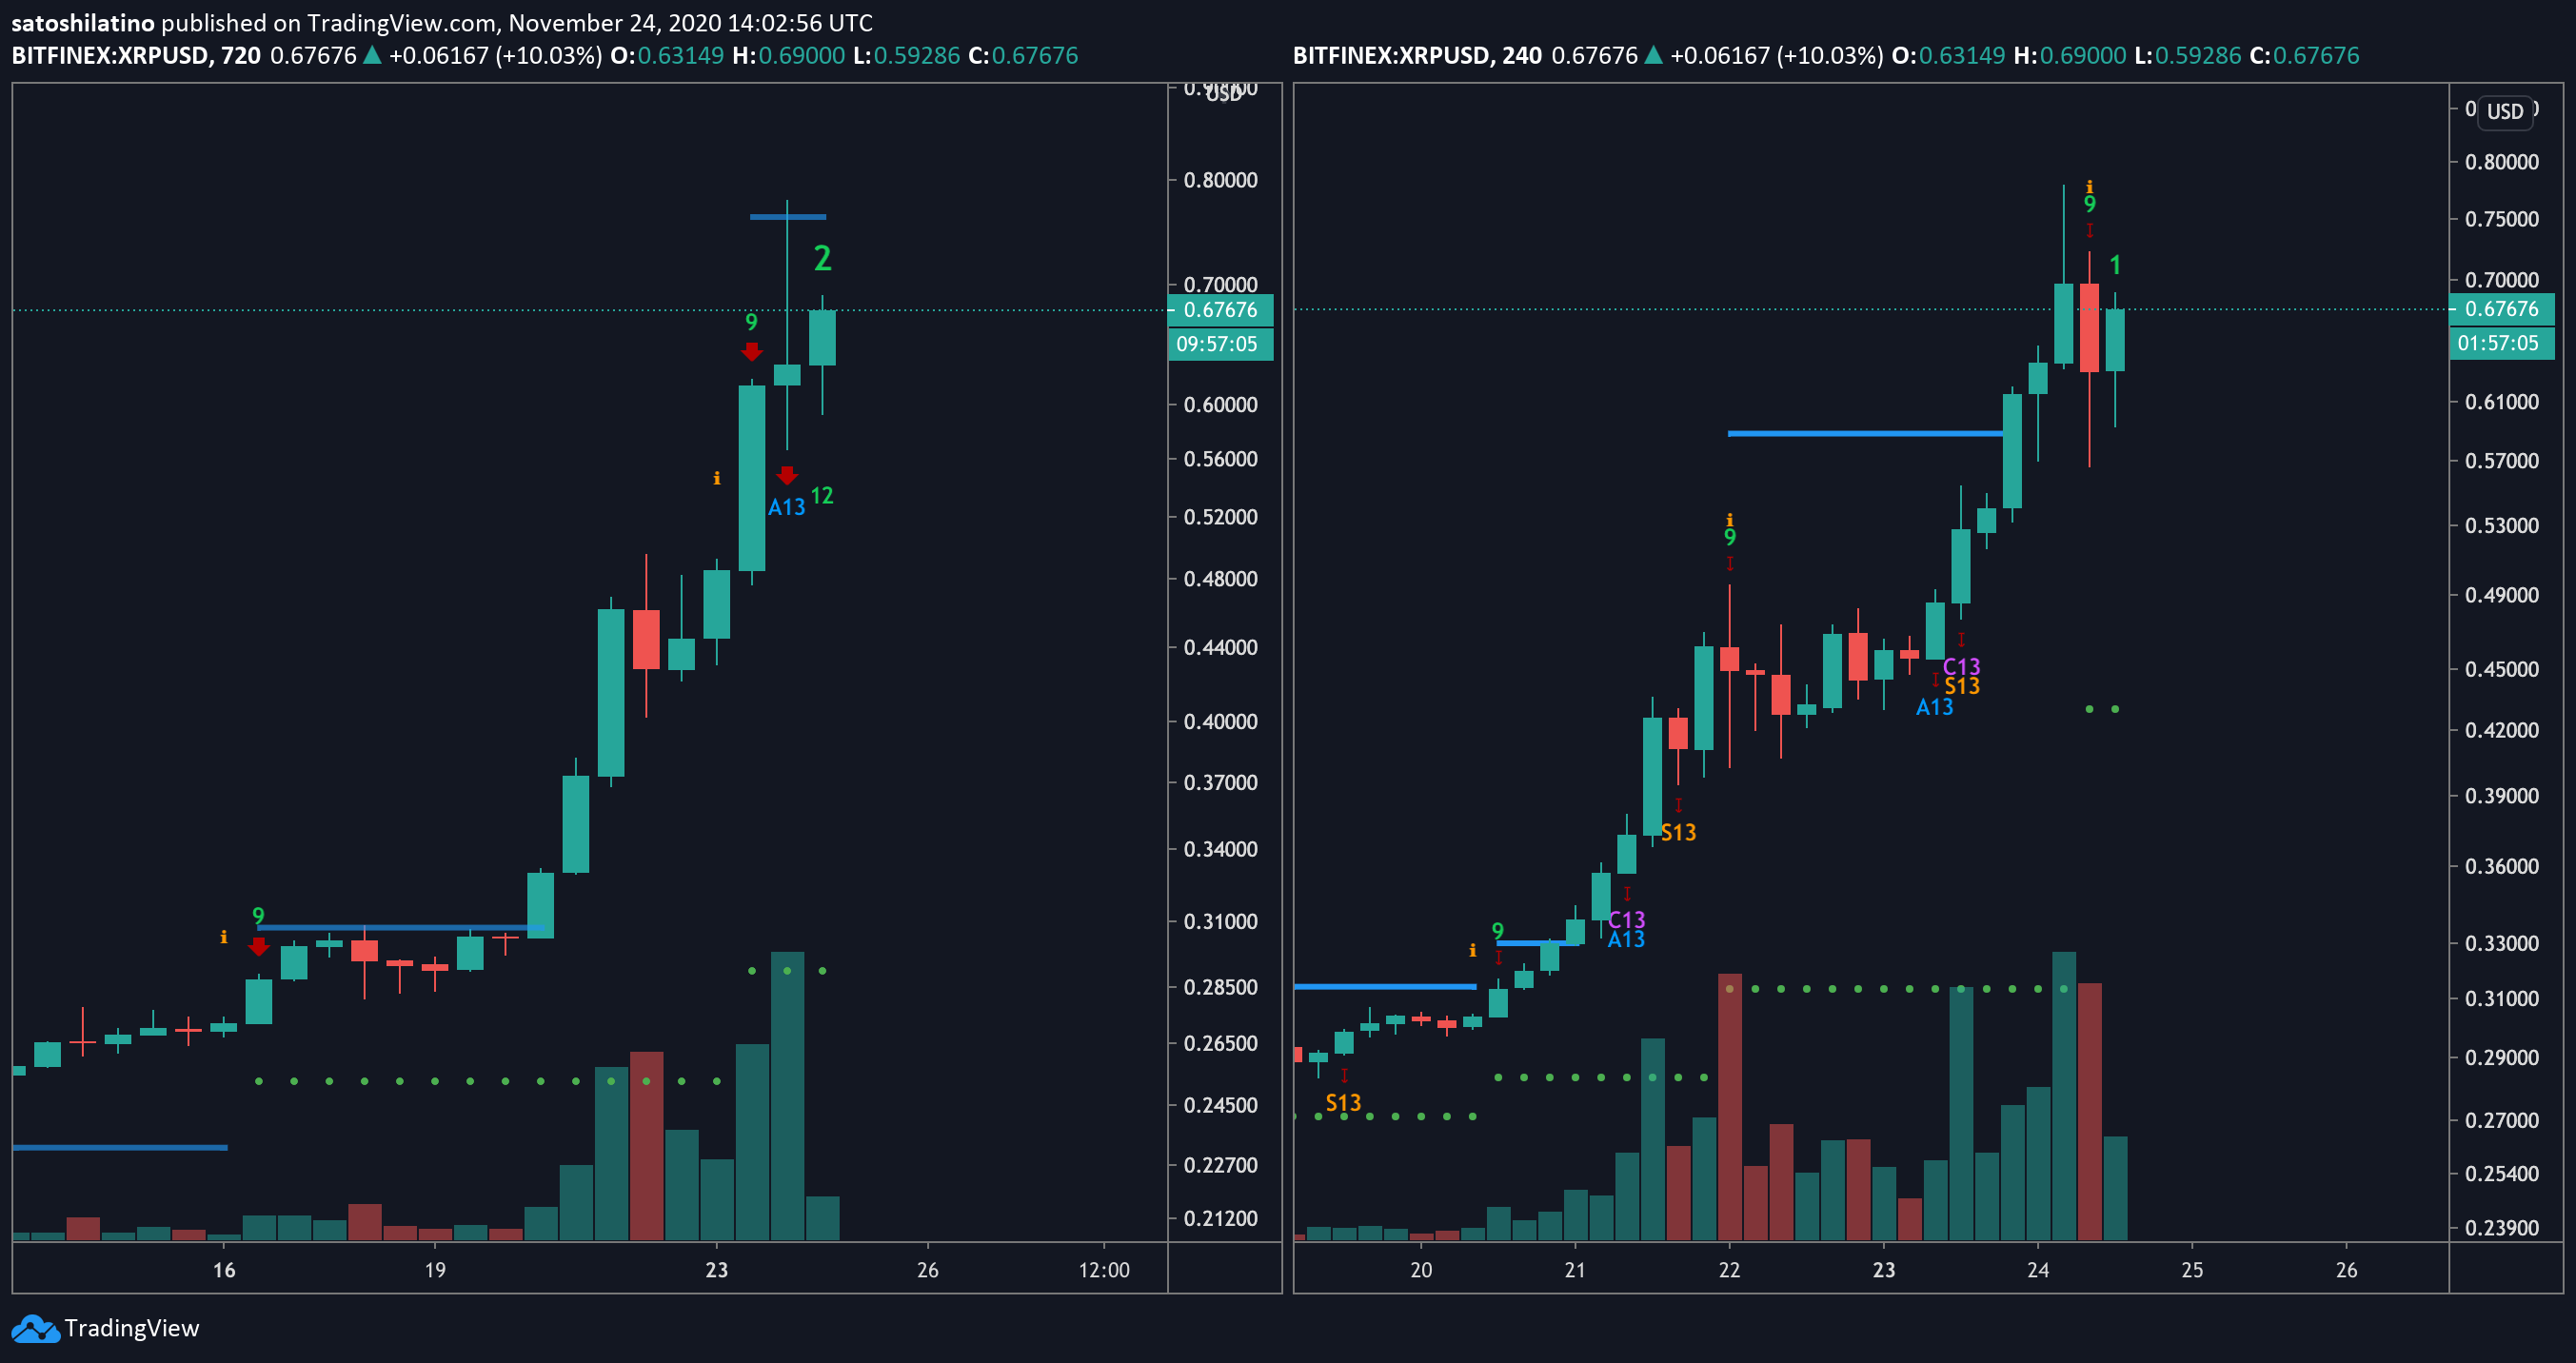 XRP US dollar price chart